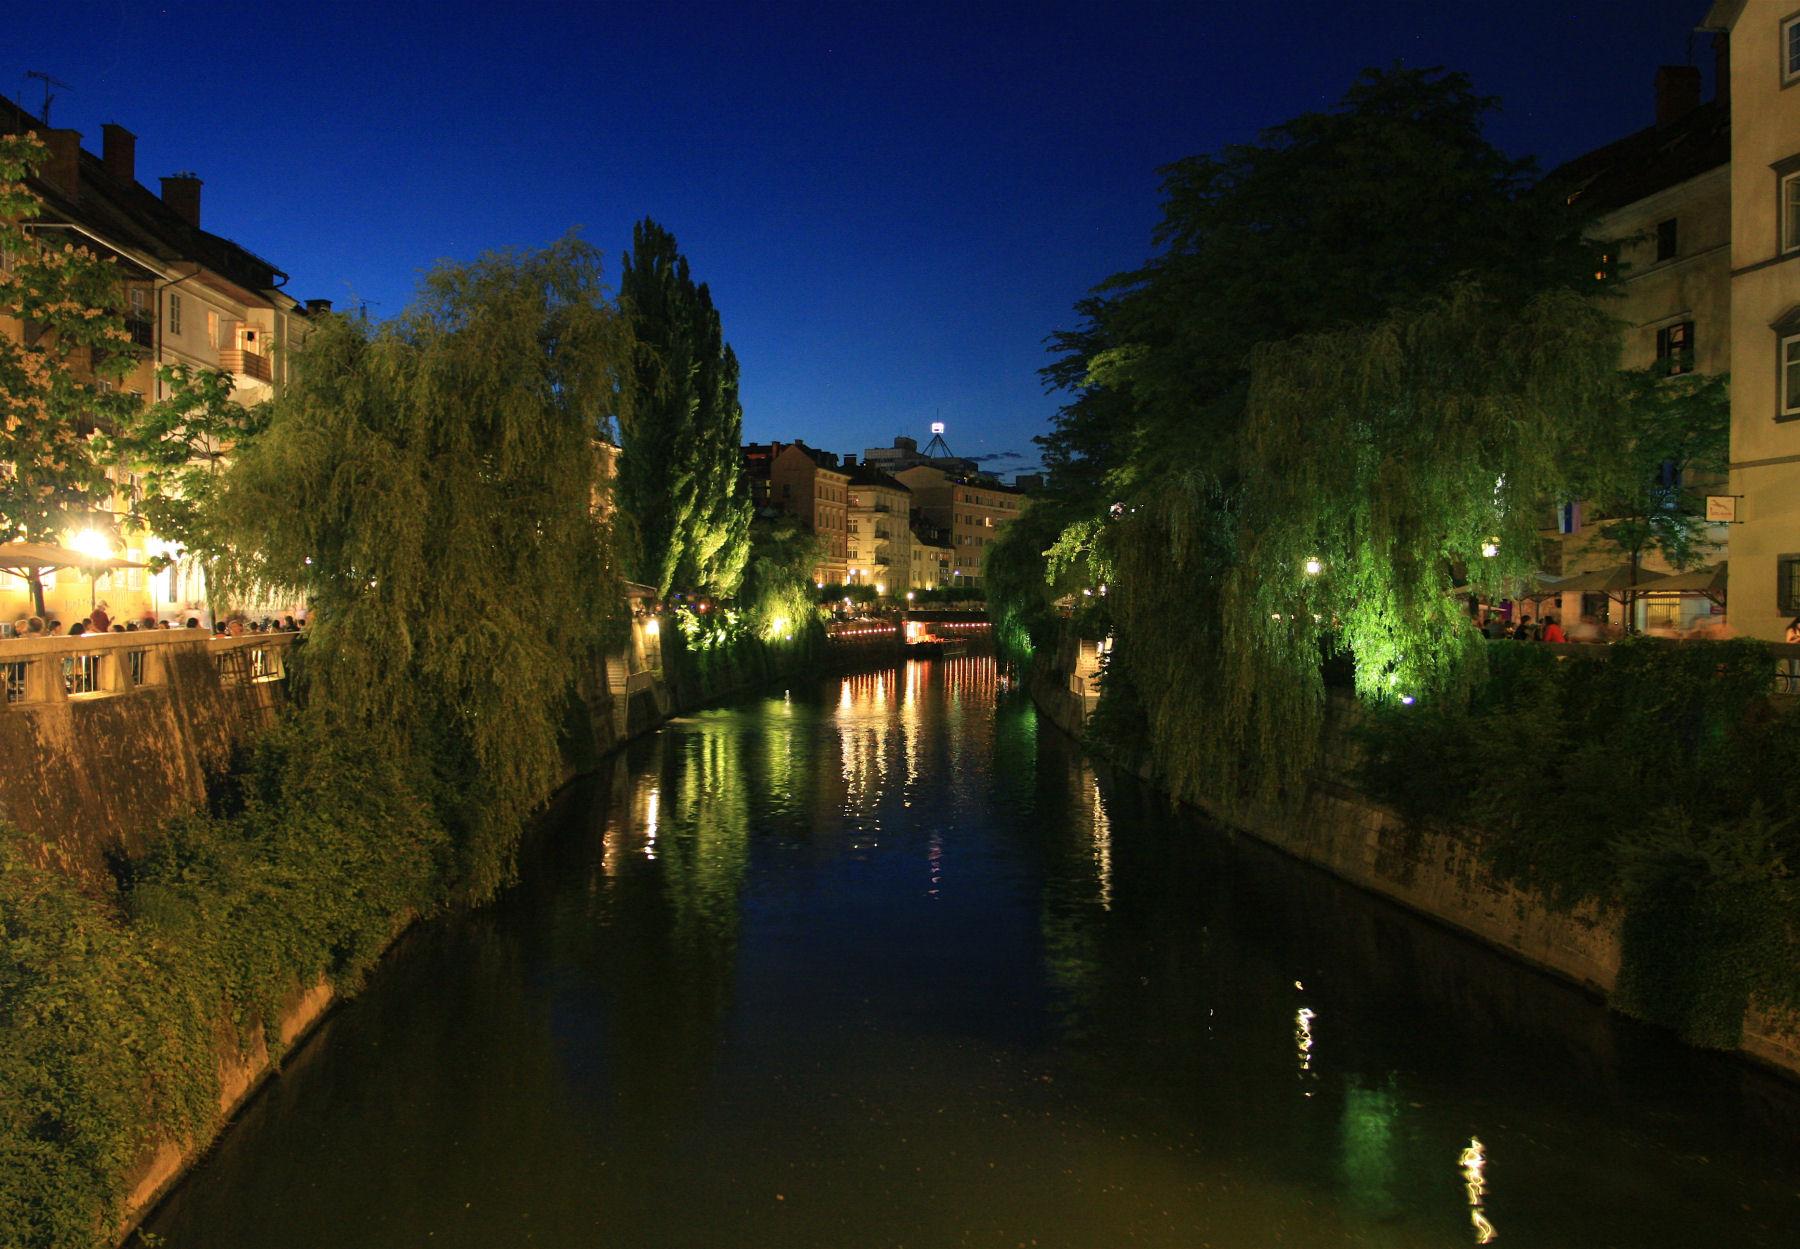 Ljubljana and river Ljubljanica at night